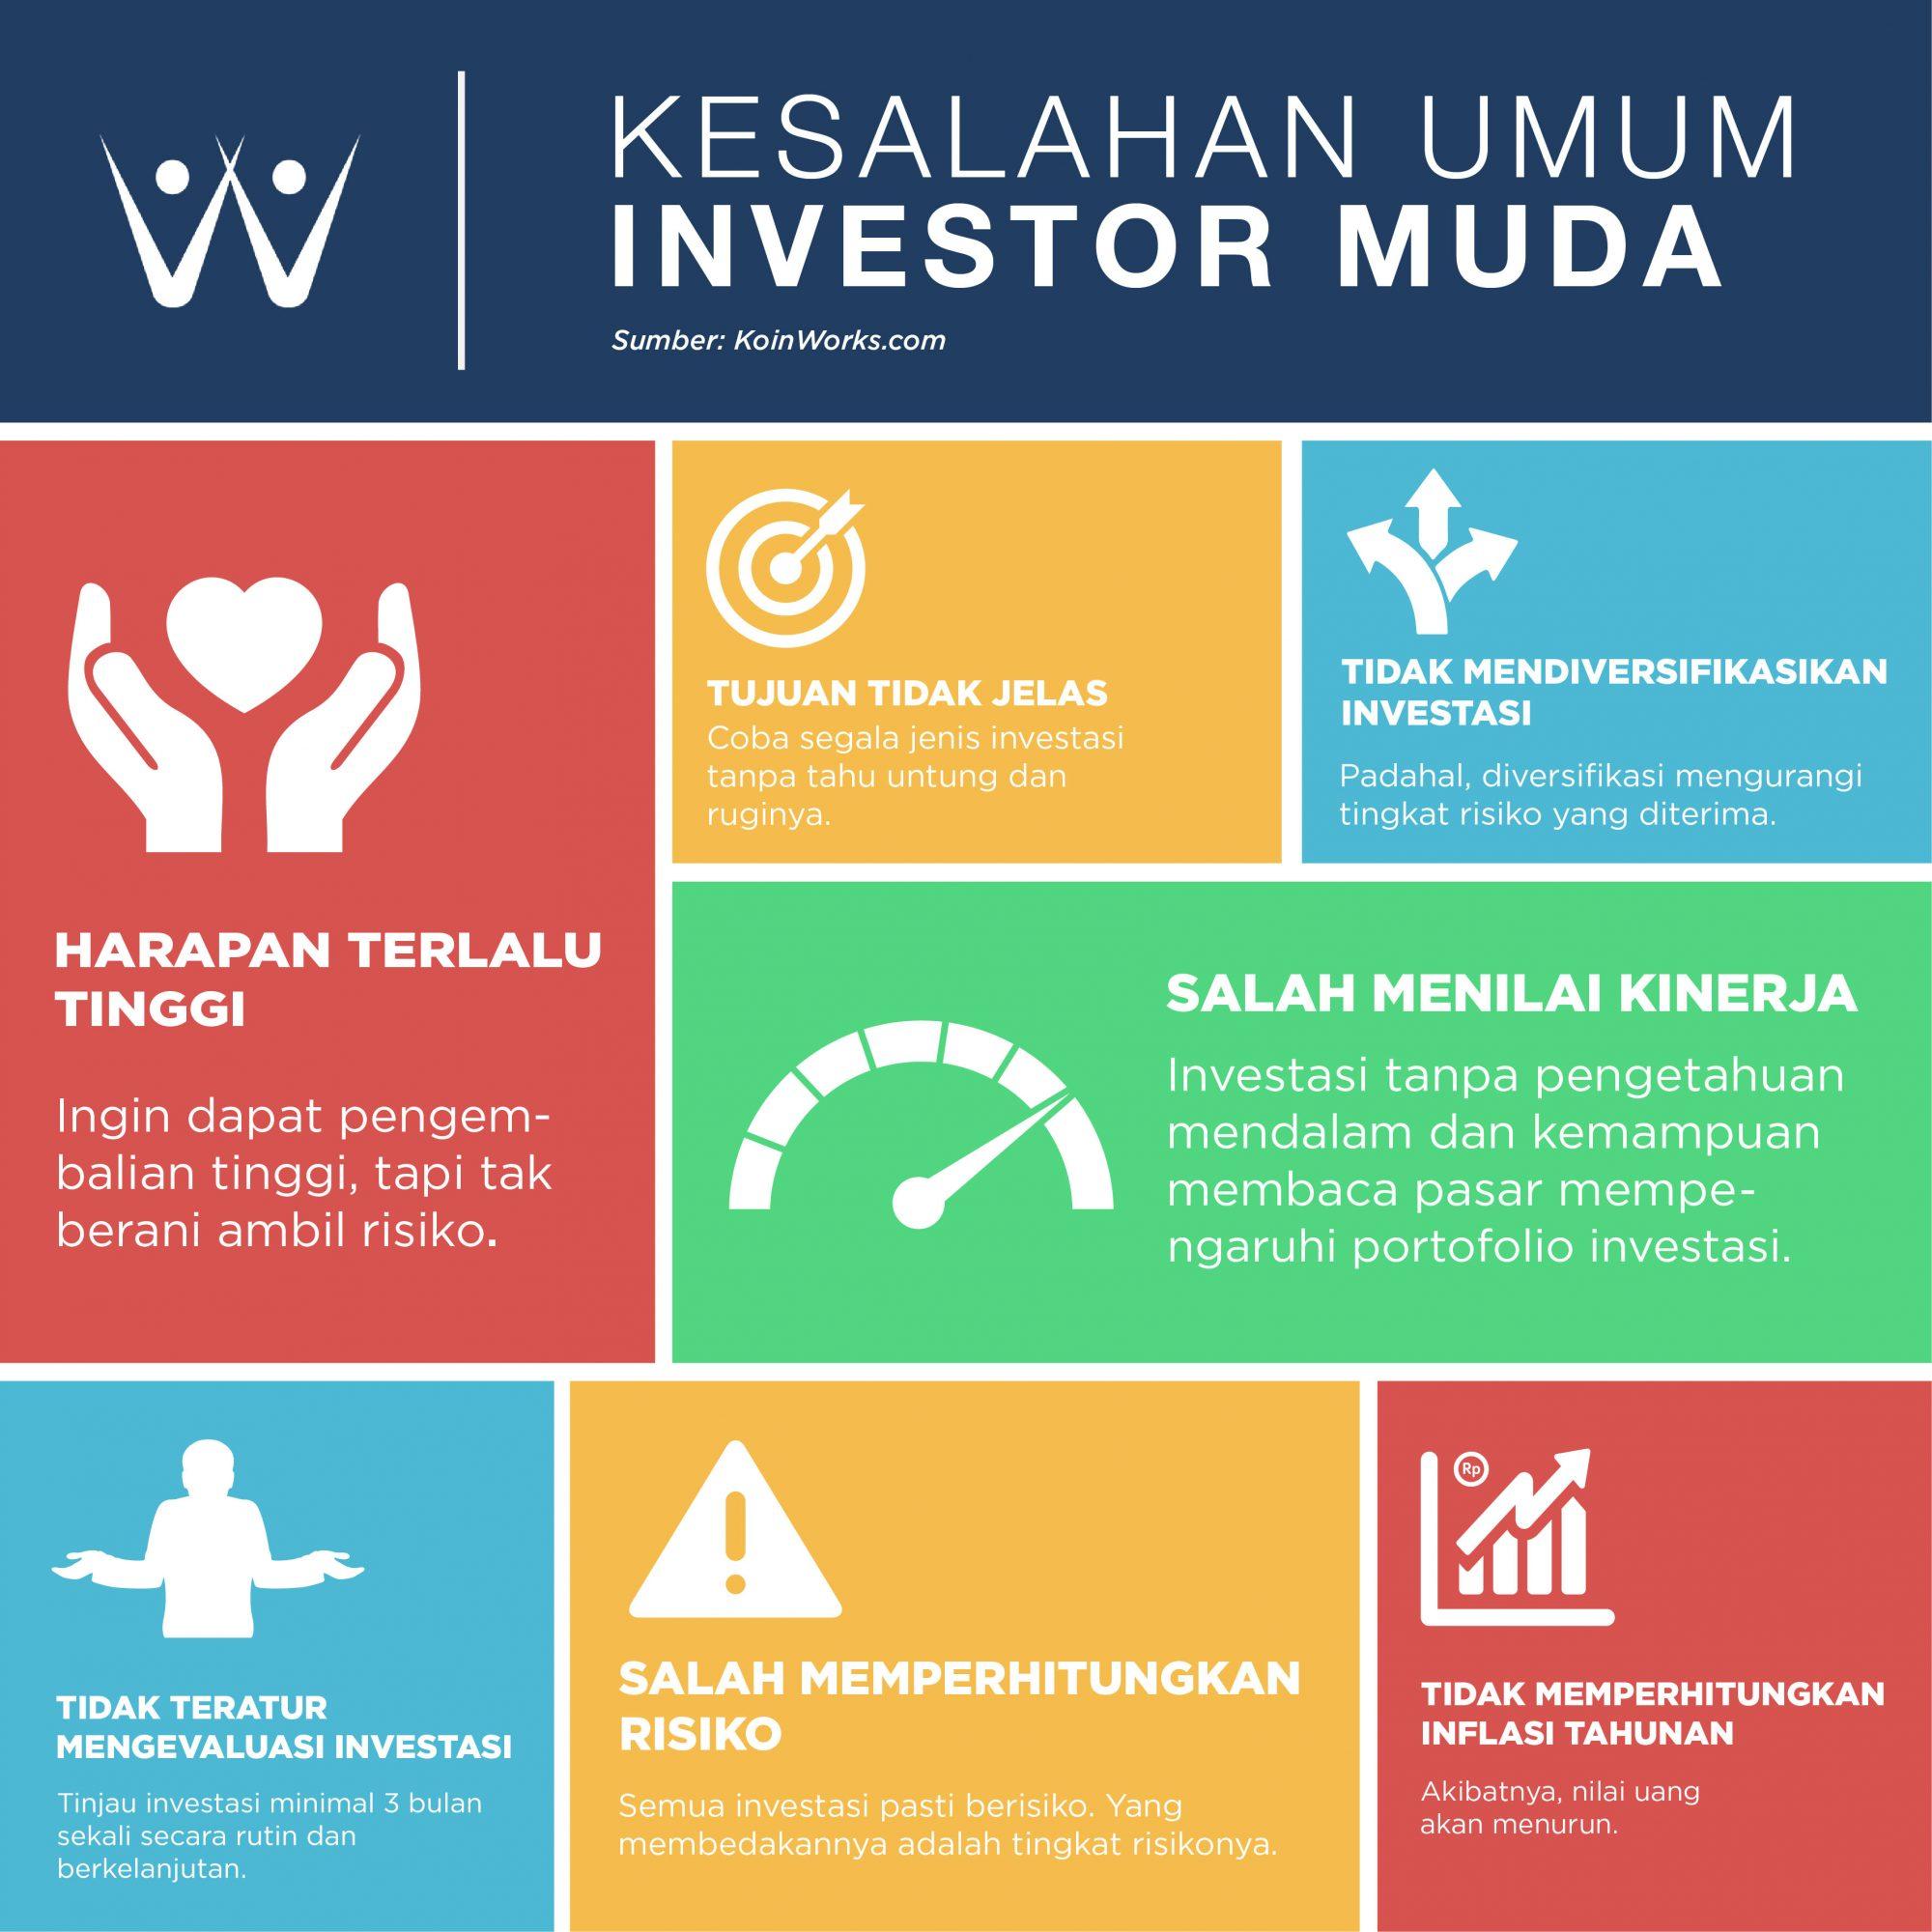 INFOGRAFIK: Kesalahan Umum Investor Muda